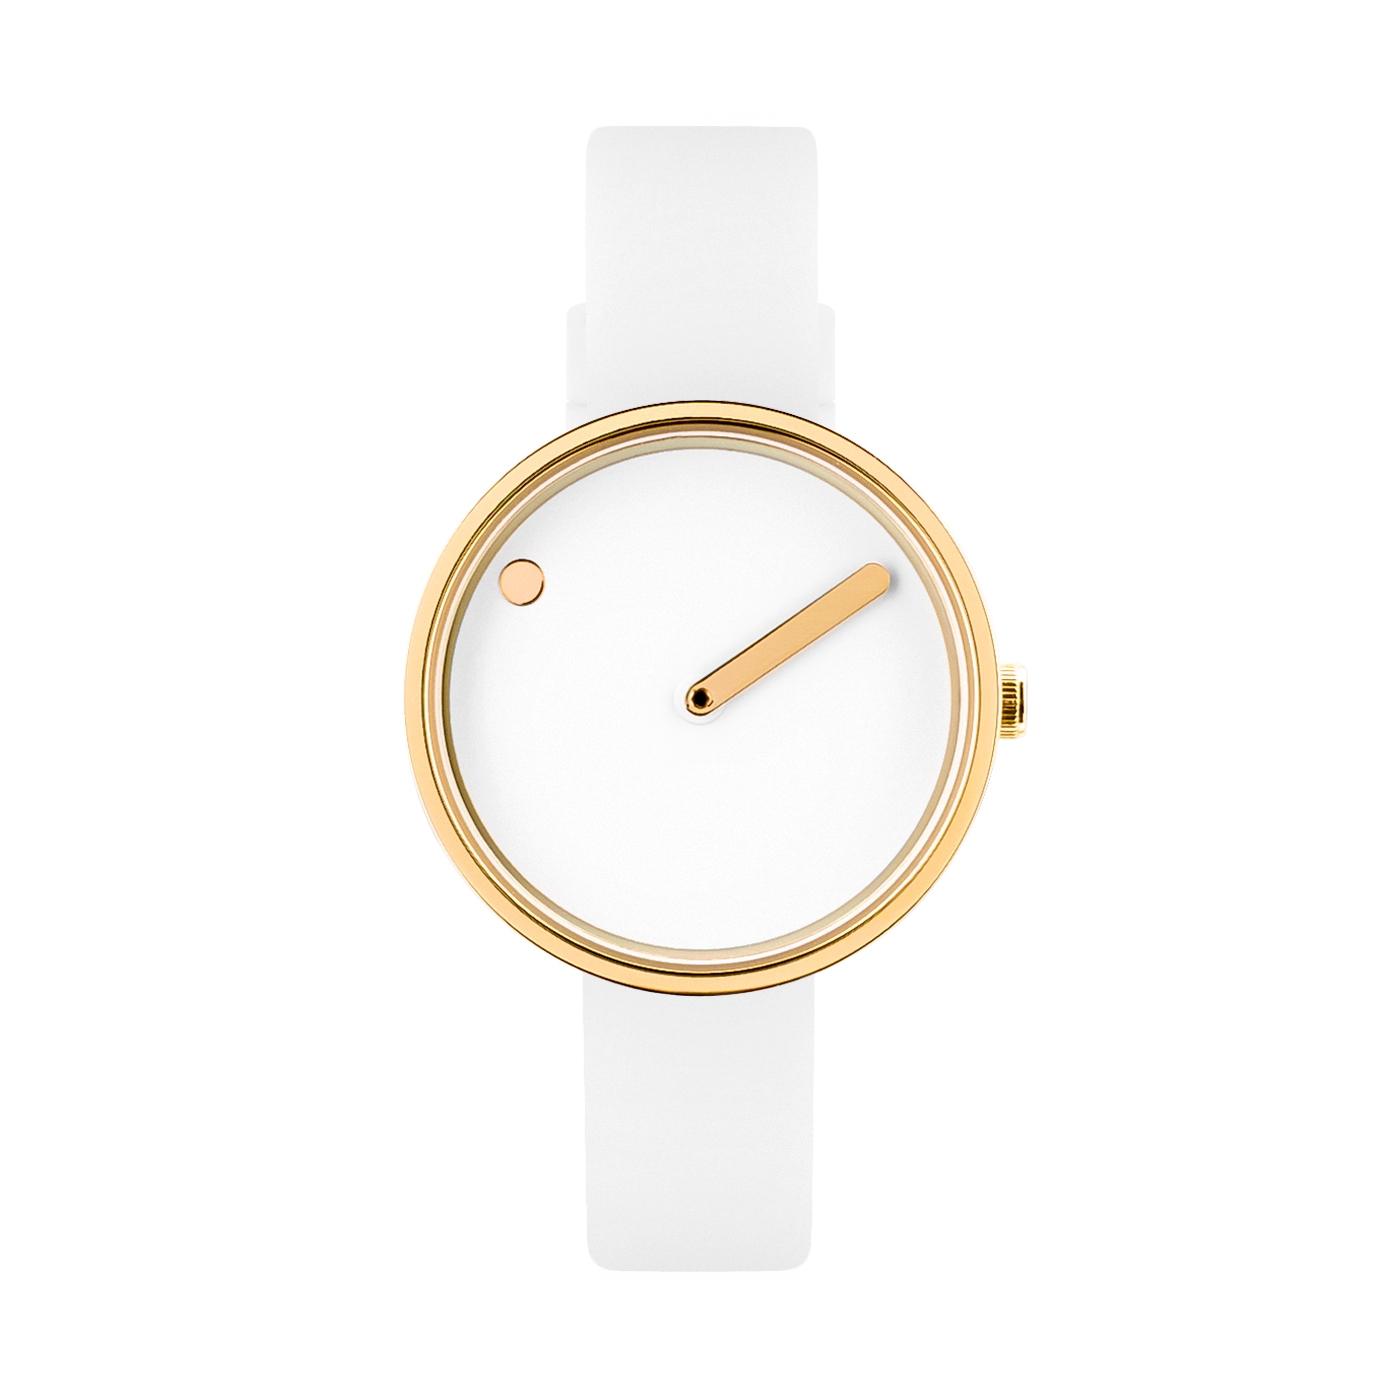 PICTO armbåndsur Ø30 i hvid/gylden med gummirem-Gummirem